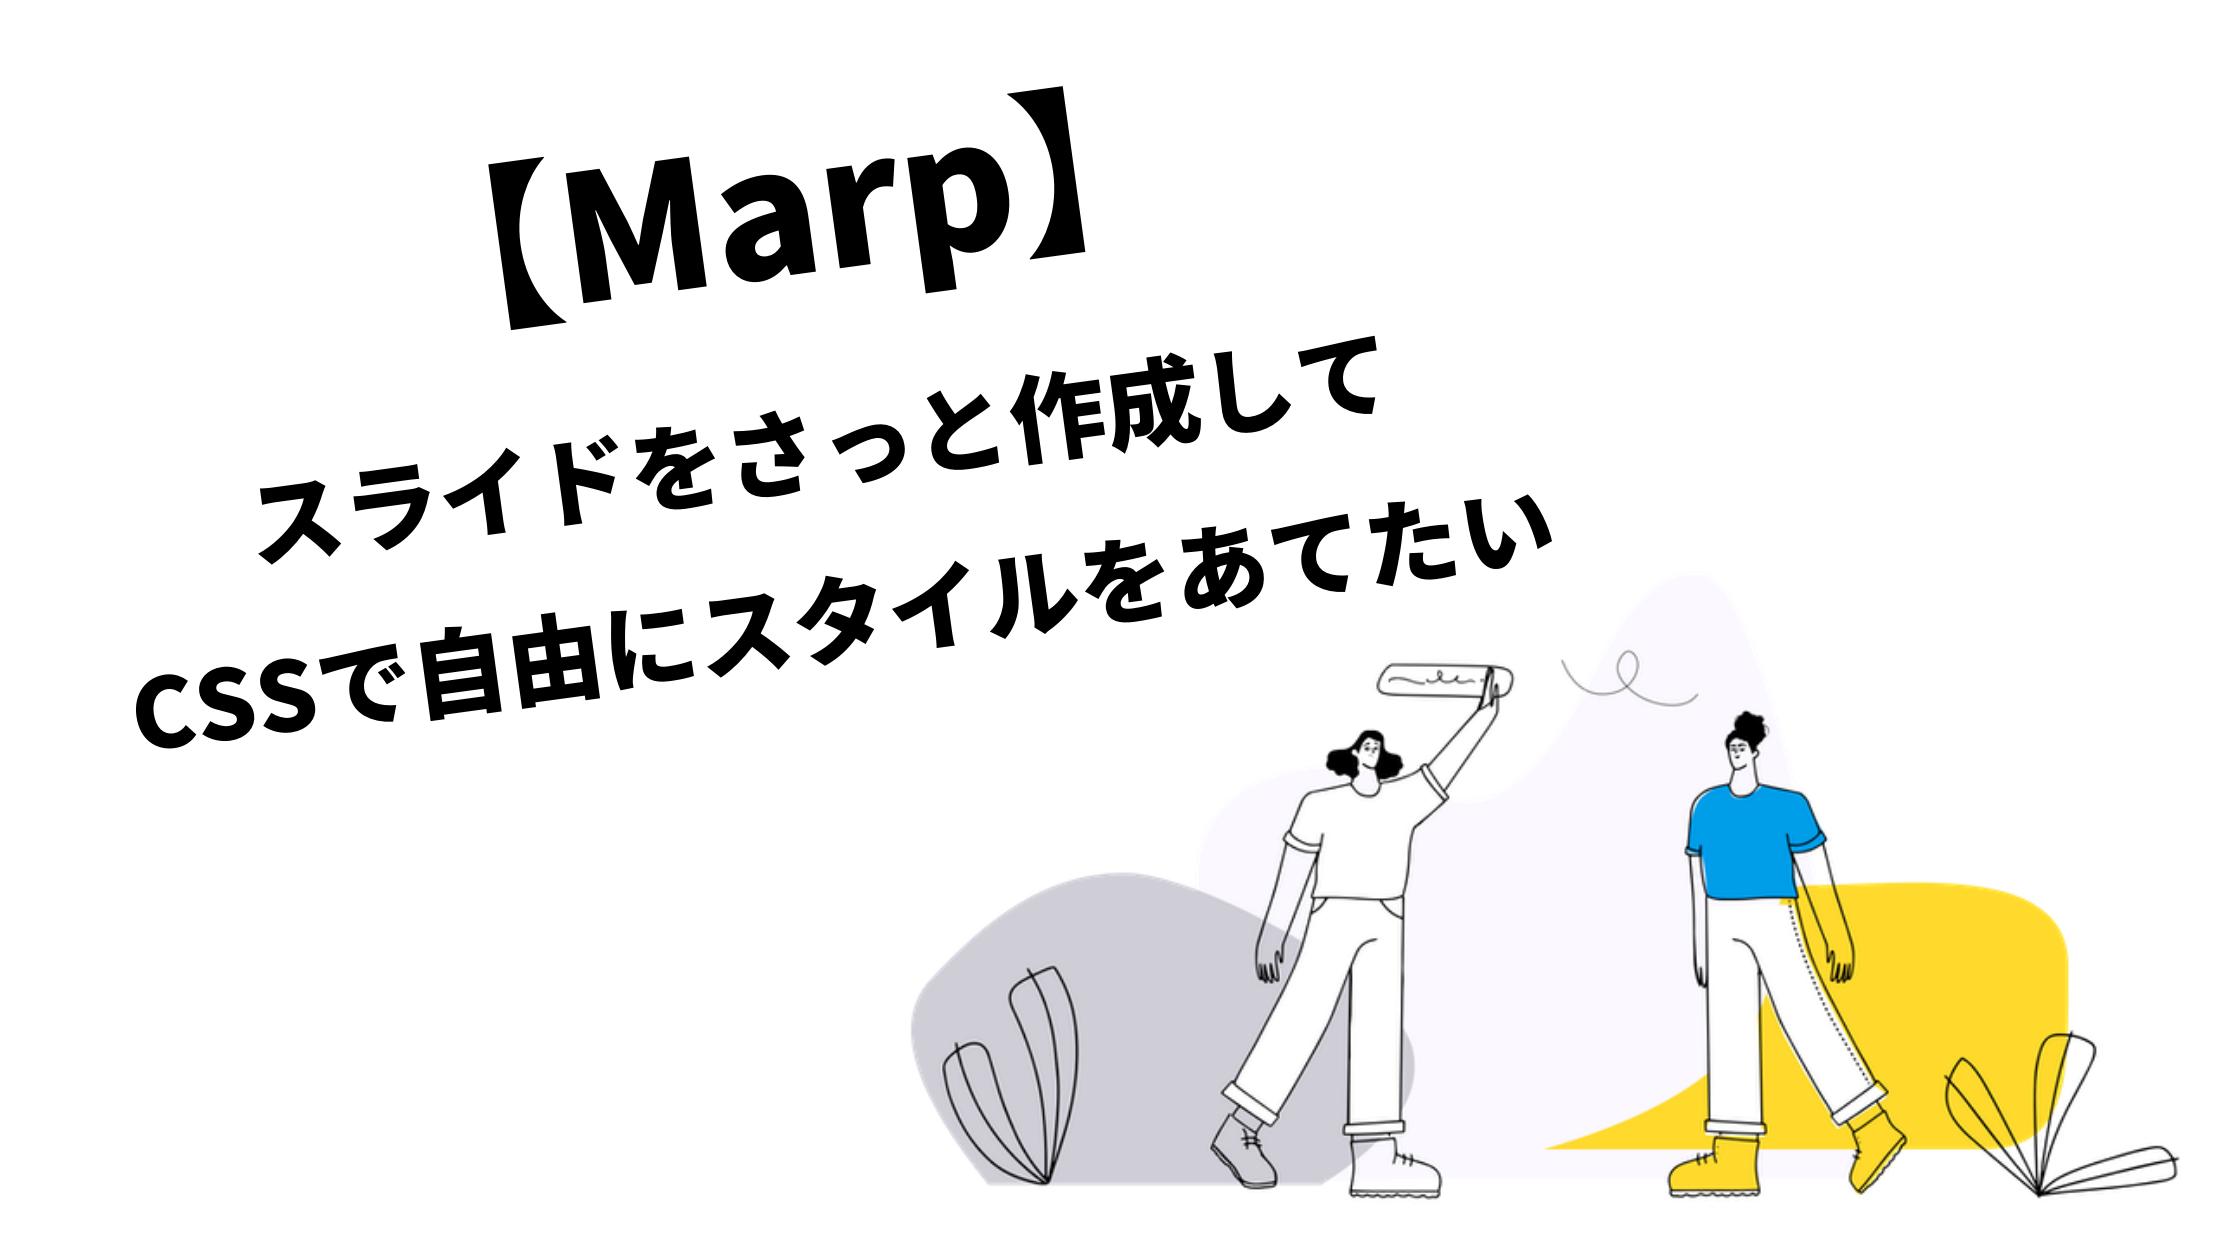 【Marp】スライドをさっと作成して、CSSで自由にスタイルをあてたい